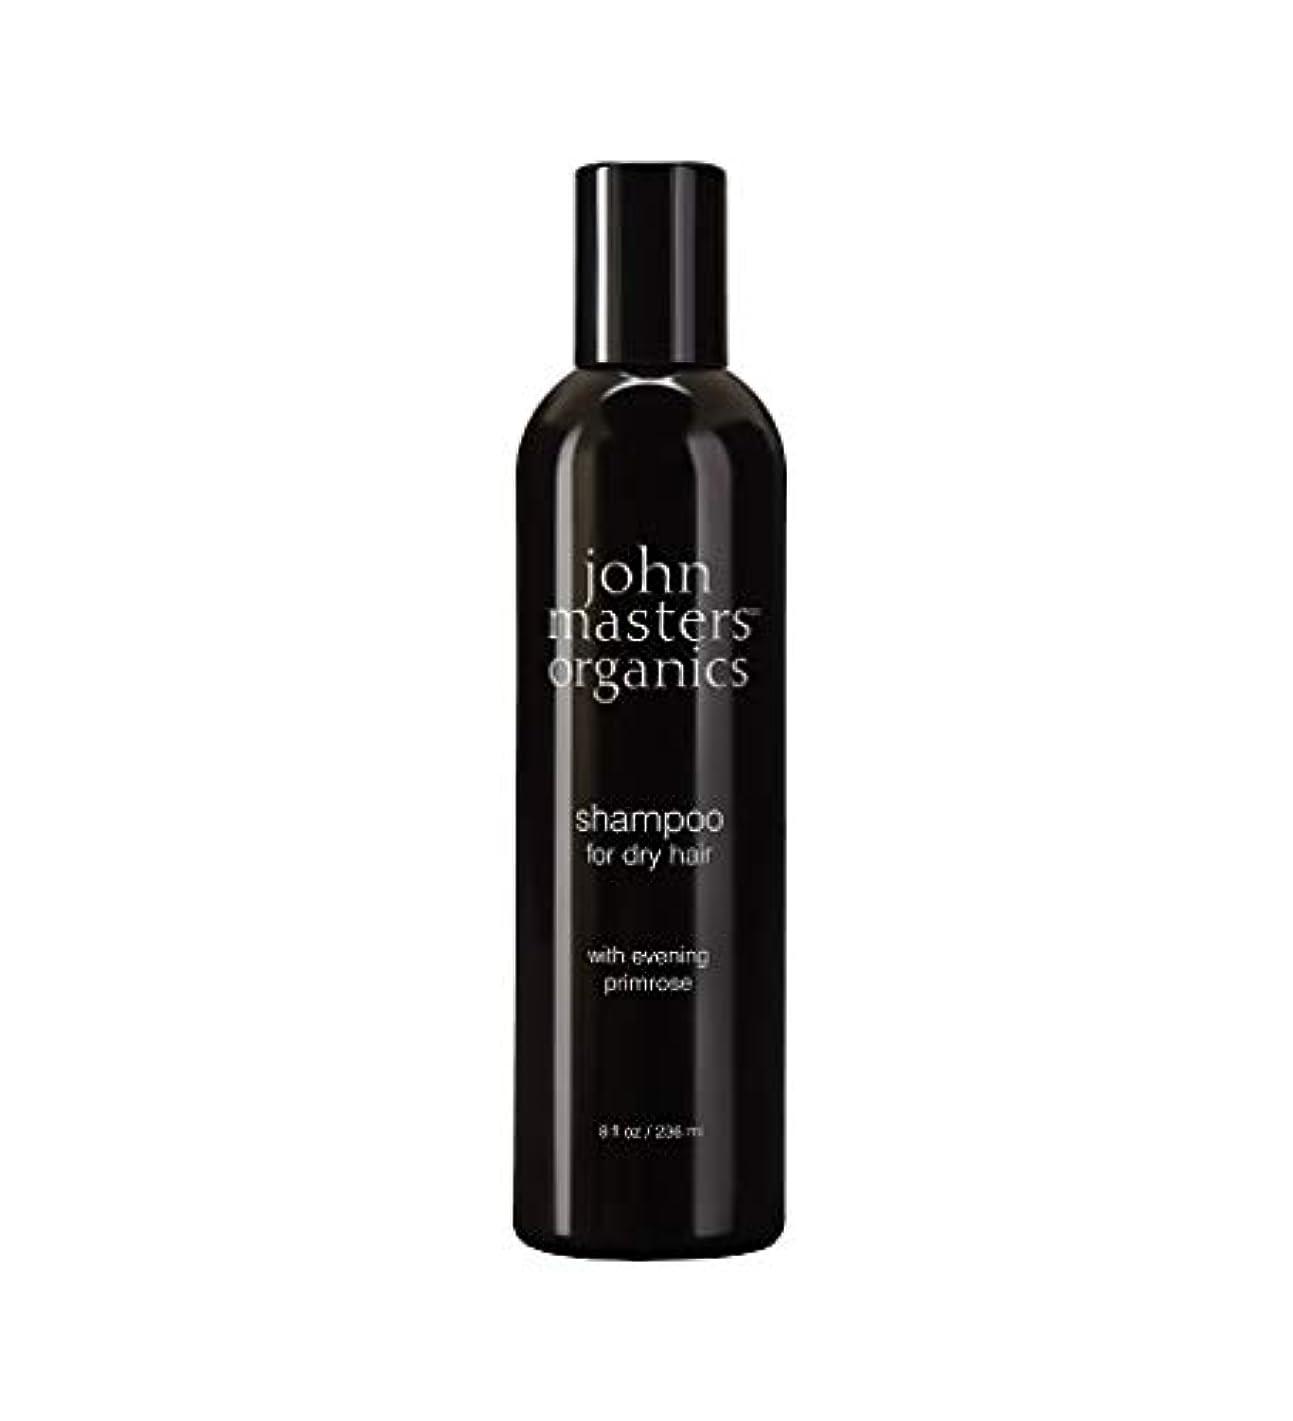 カロリー補助含むジョンマスターオーガニック john masters organic イブニングPシャンプー(イブニングプリムローズ) 236ml hs